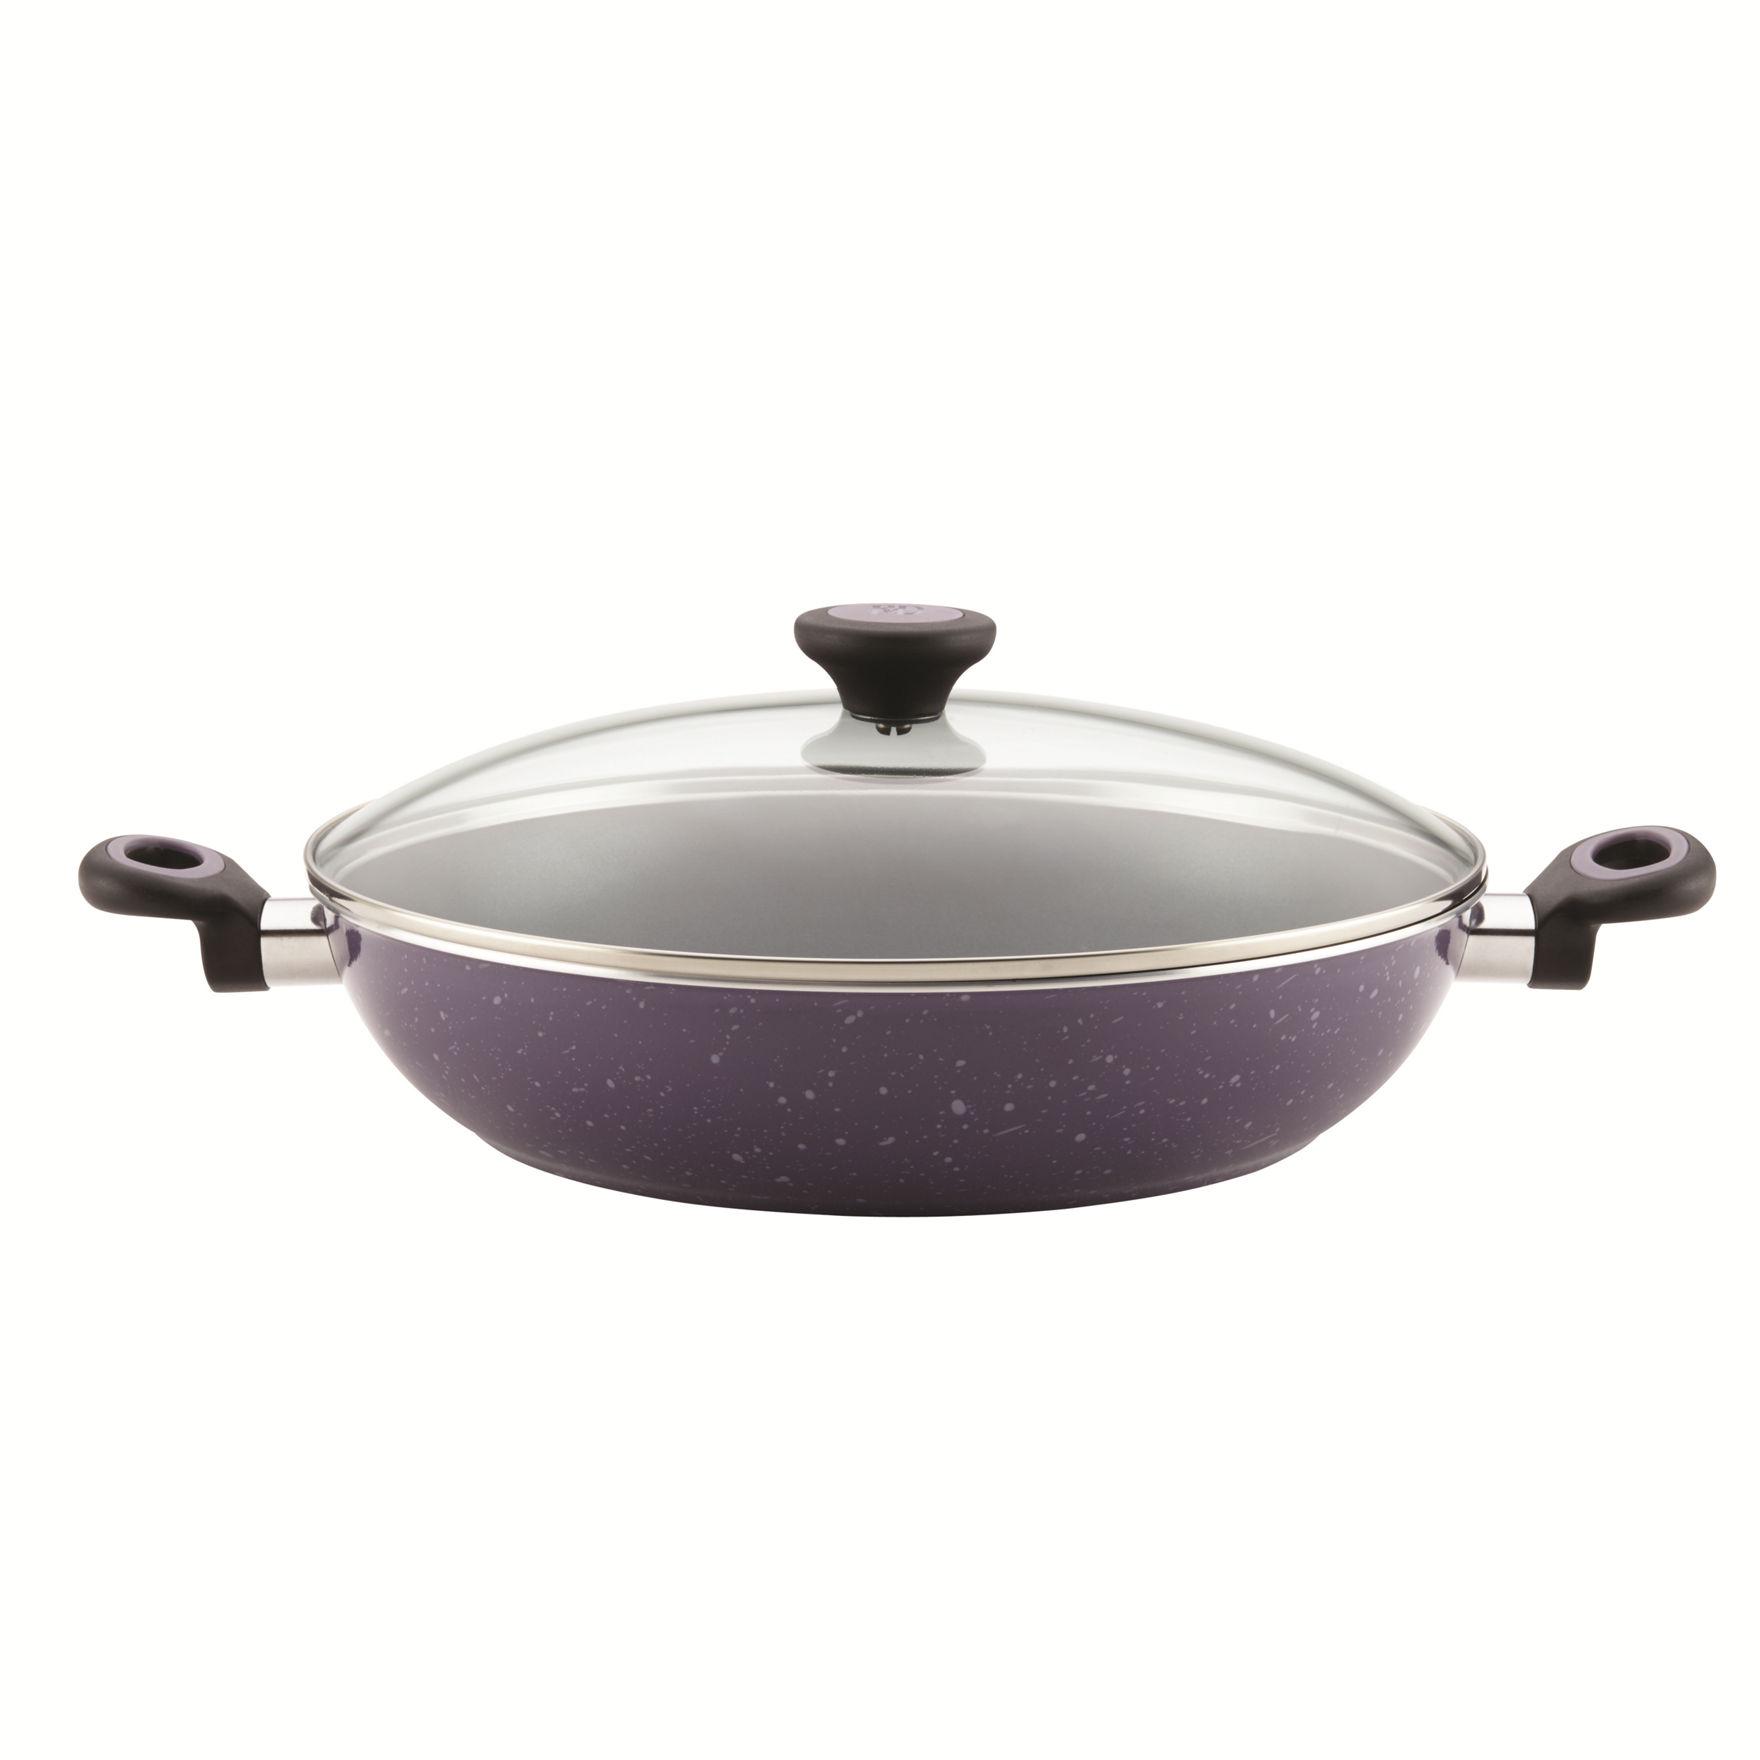 Paula Deen Lavender Frying Pans & Skillets Cookware